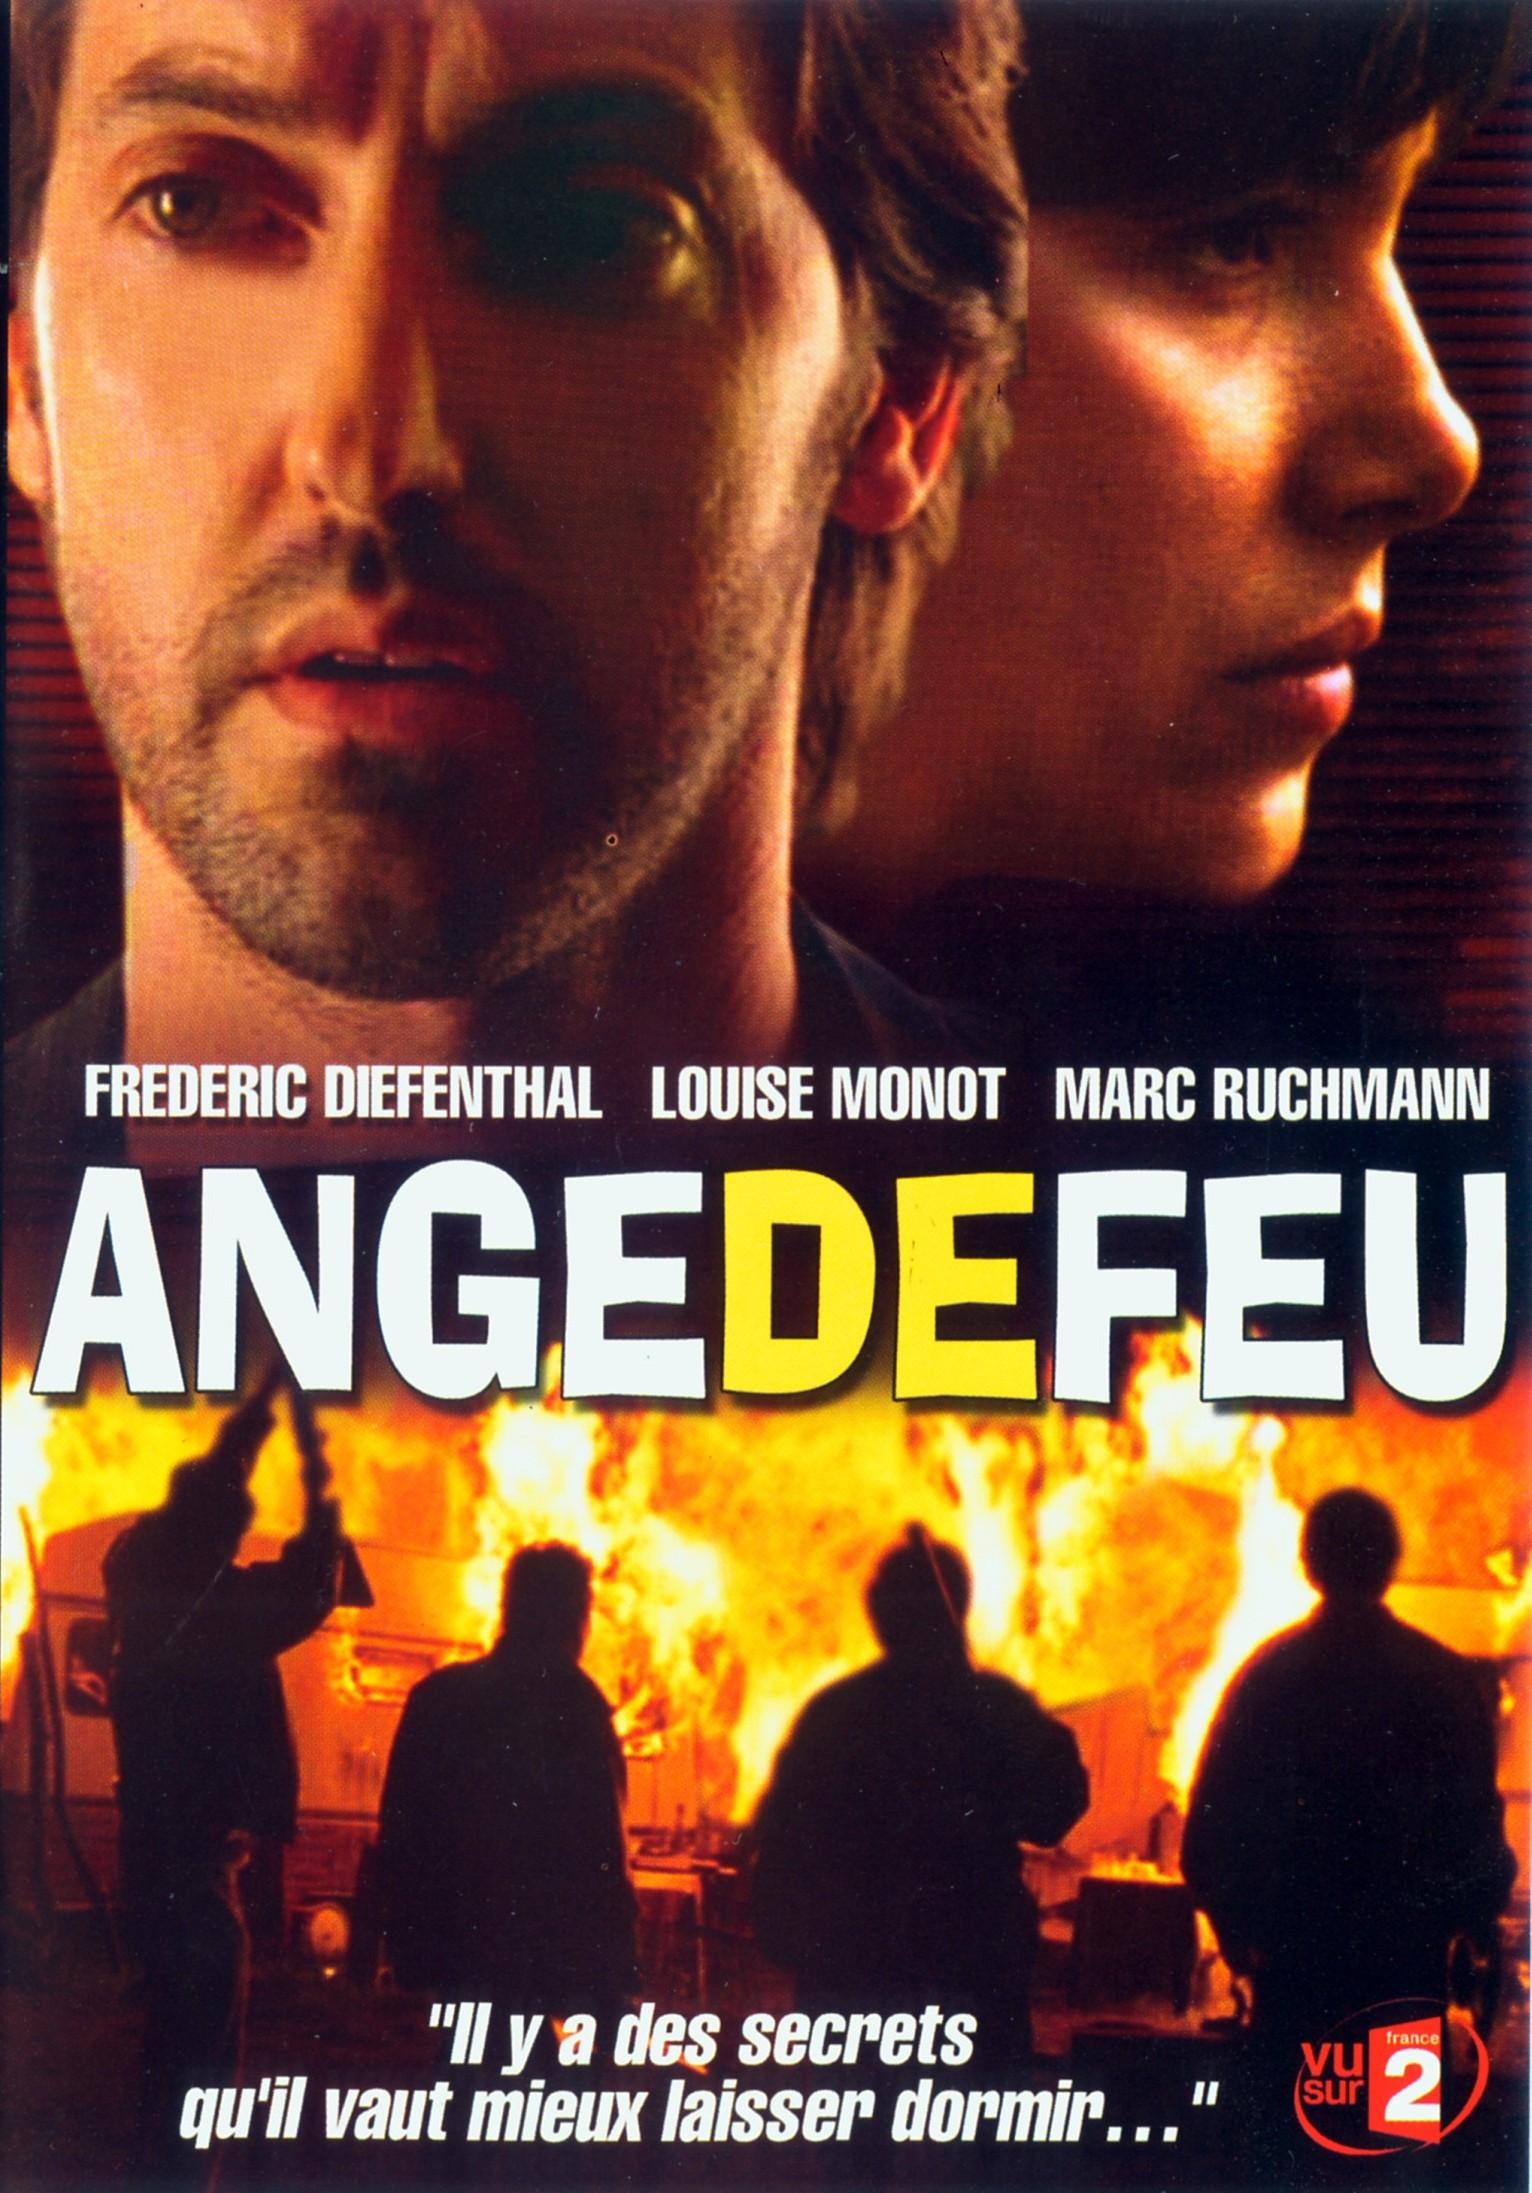 affiche du film Ange de feu (TV)